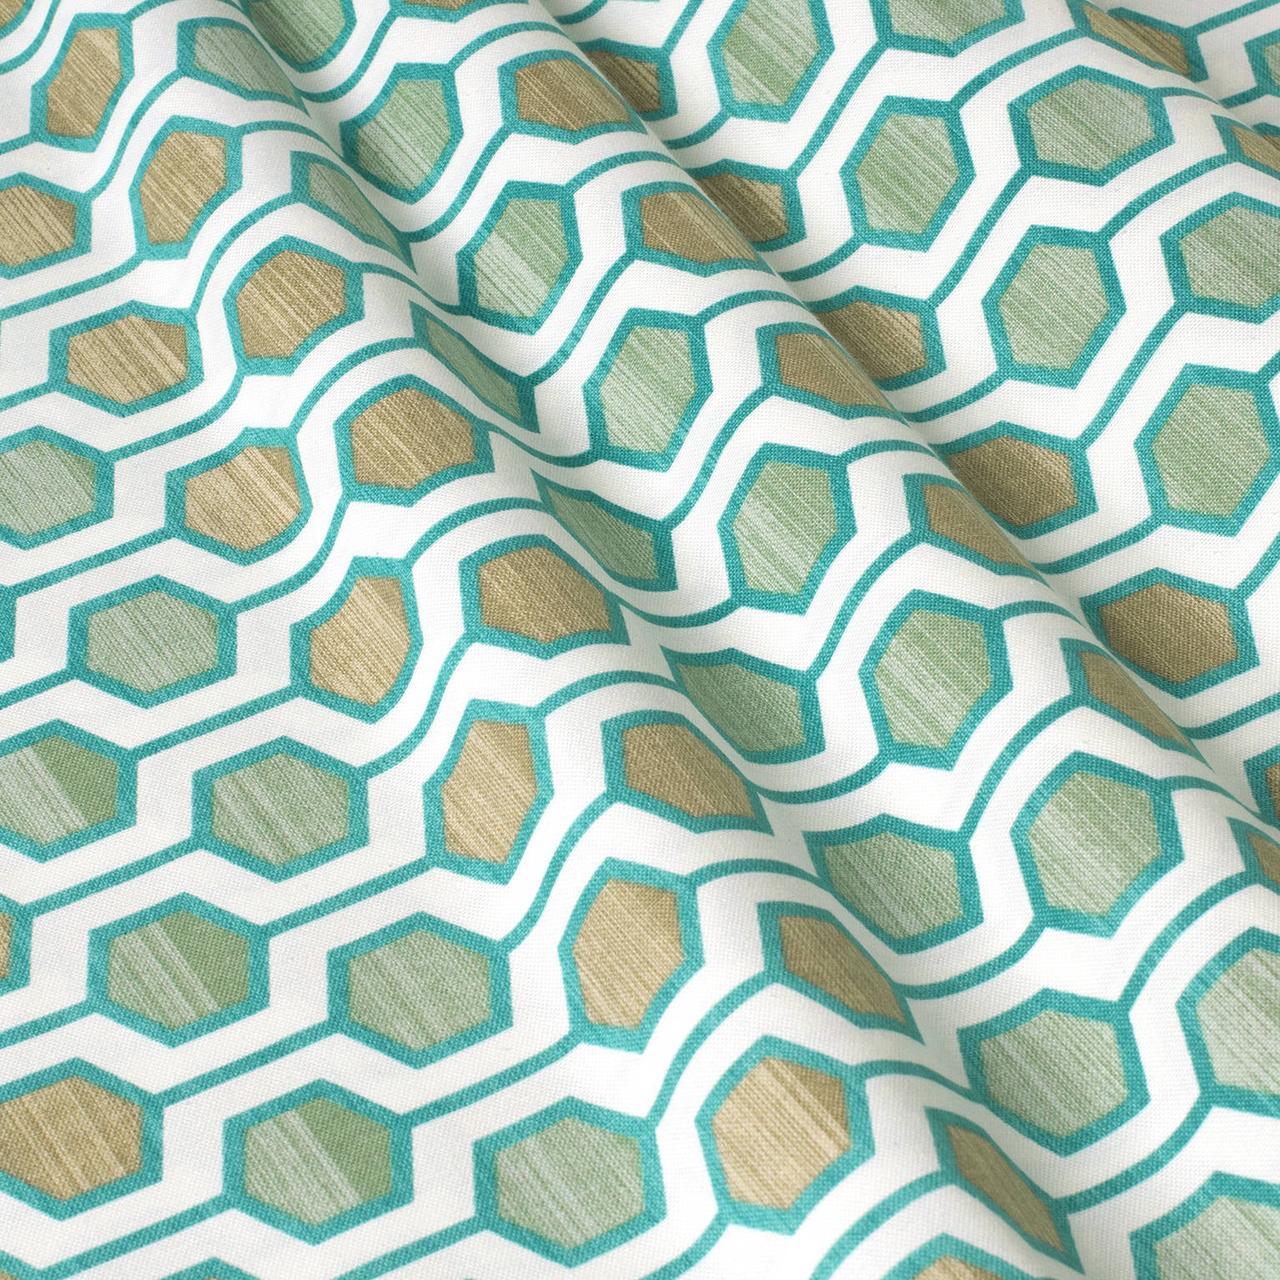 Декоративна тканина геометрія шестикутники зелені на білому тлі Туреччина 87997v6